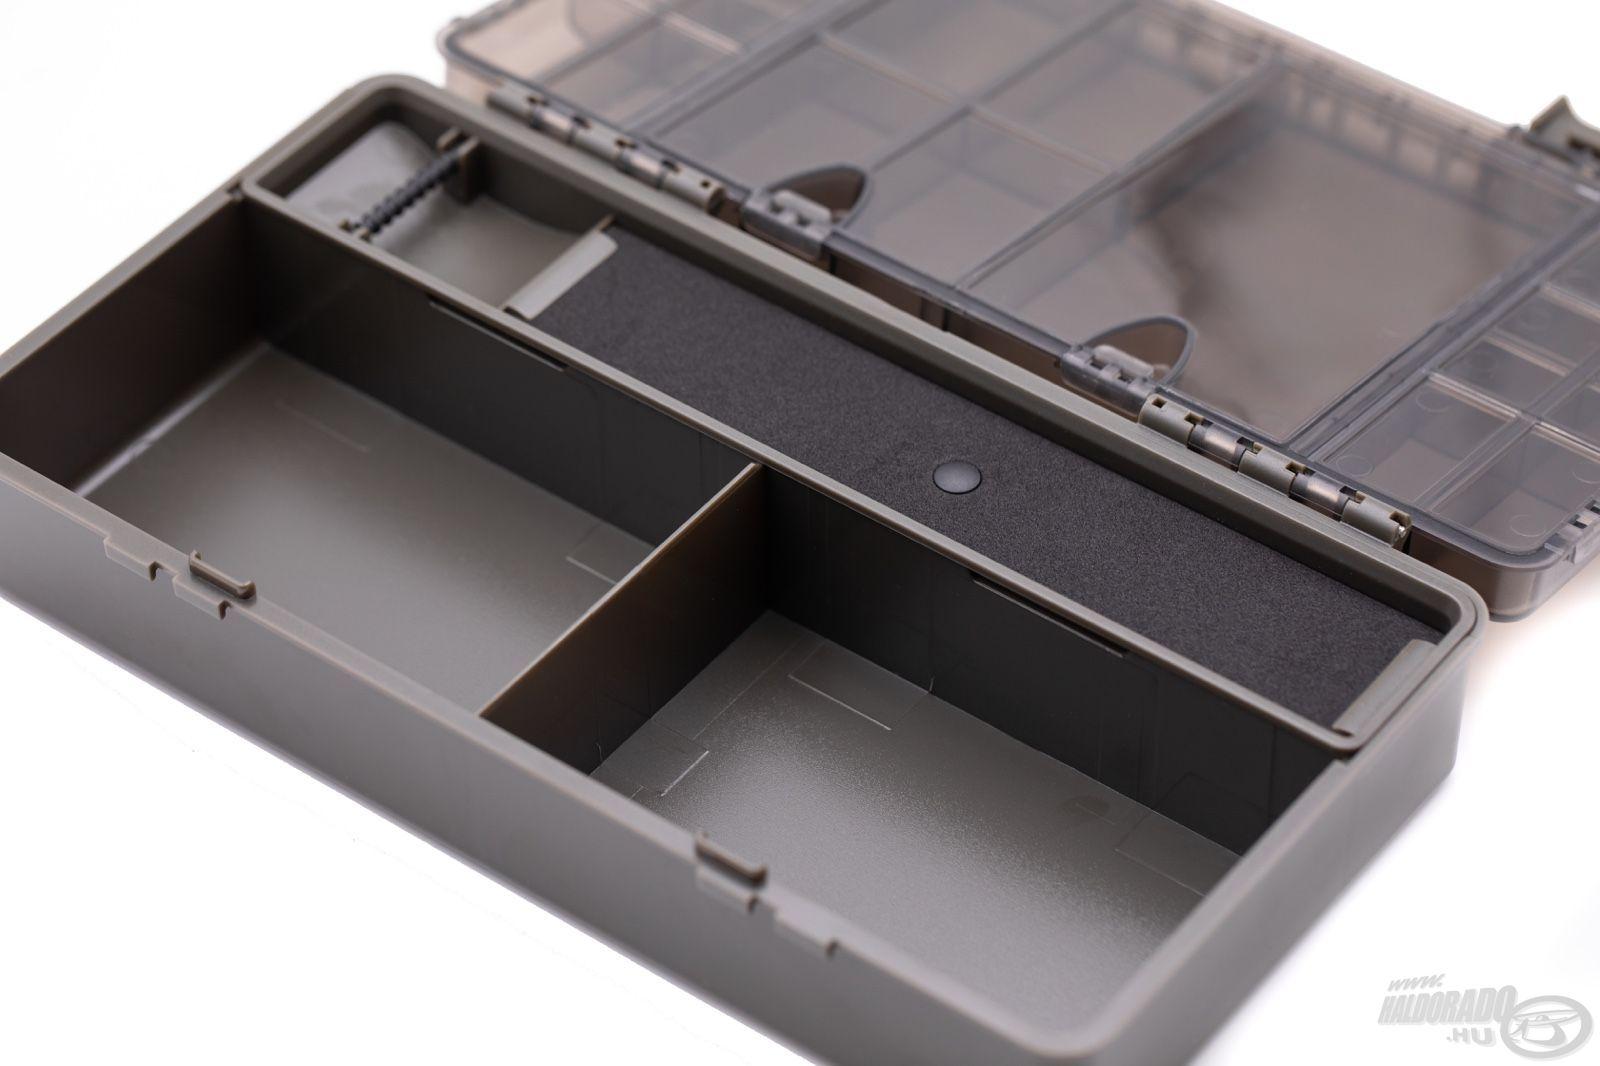 A doboz belsejében rögzített elválasztókkal kialakított két nagy rekesz kiváló a kissé nagyobb szerelék-elemek, eszközök, zsinórtekercsek, fűzőtűk és hasonlók elhelyezésére